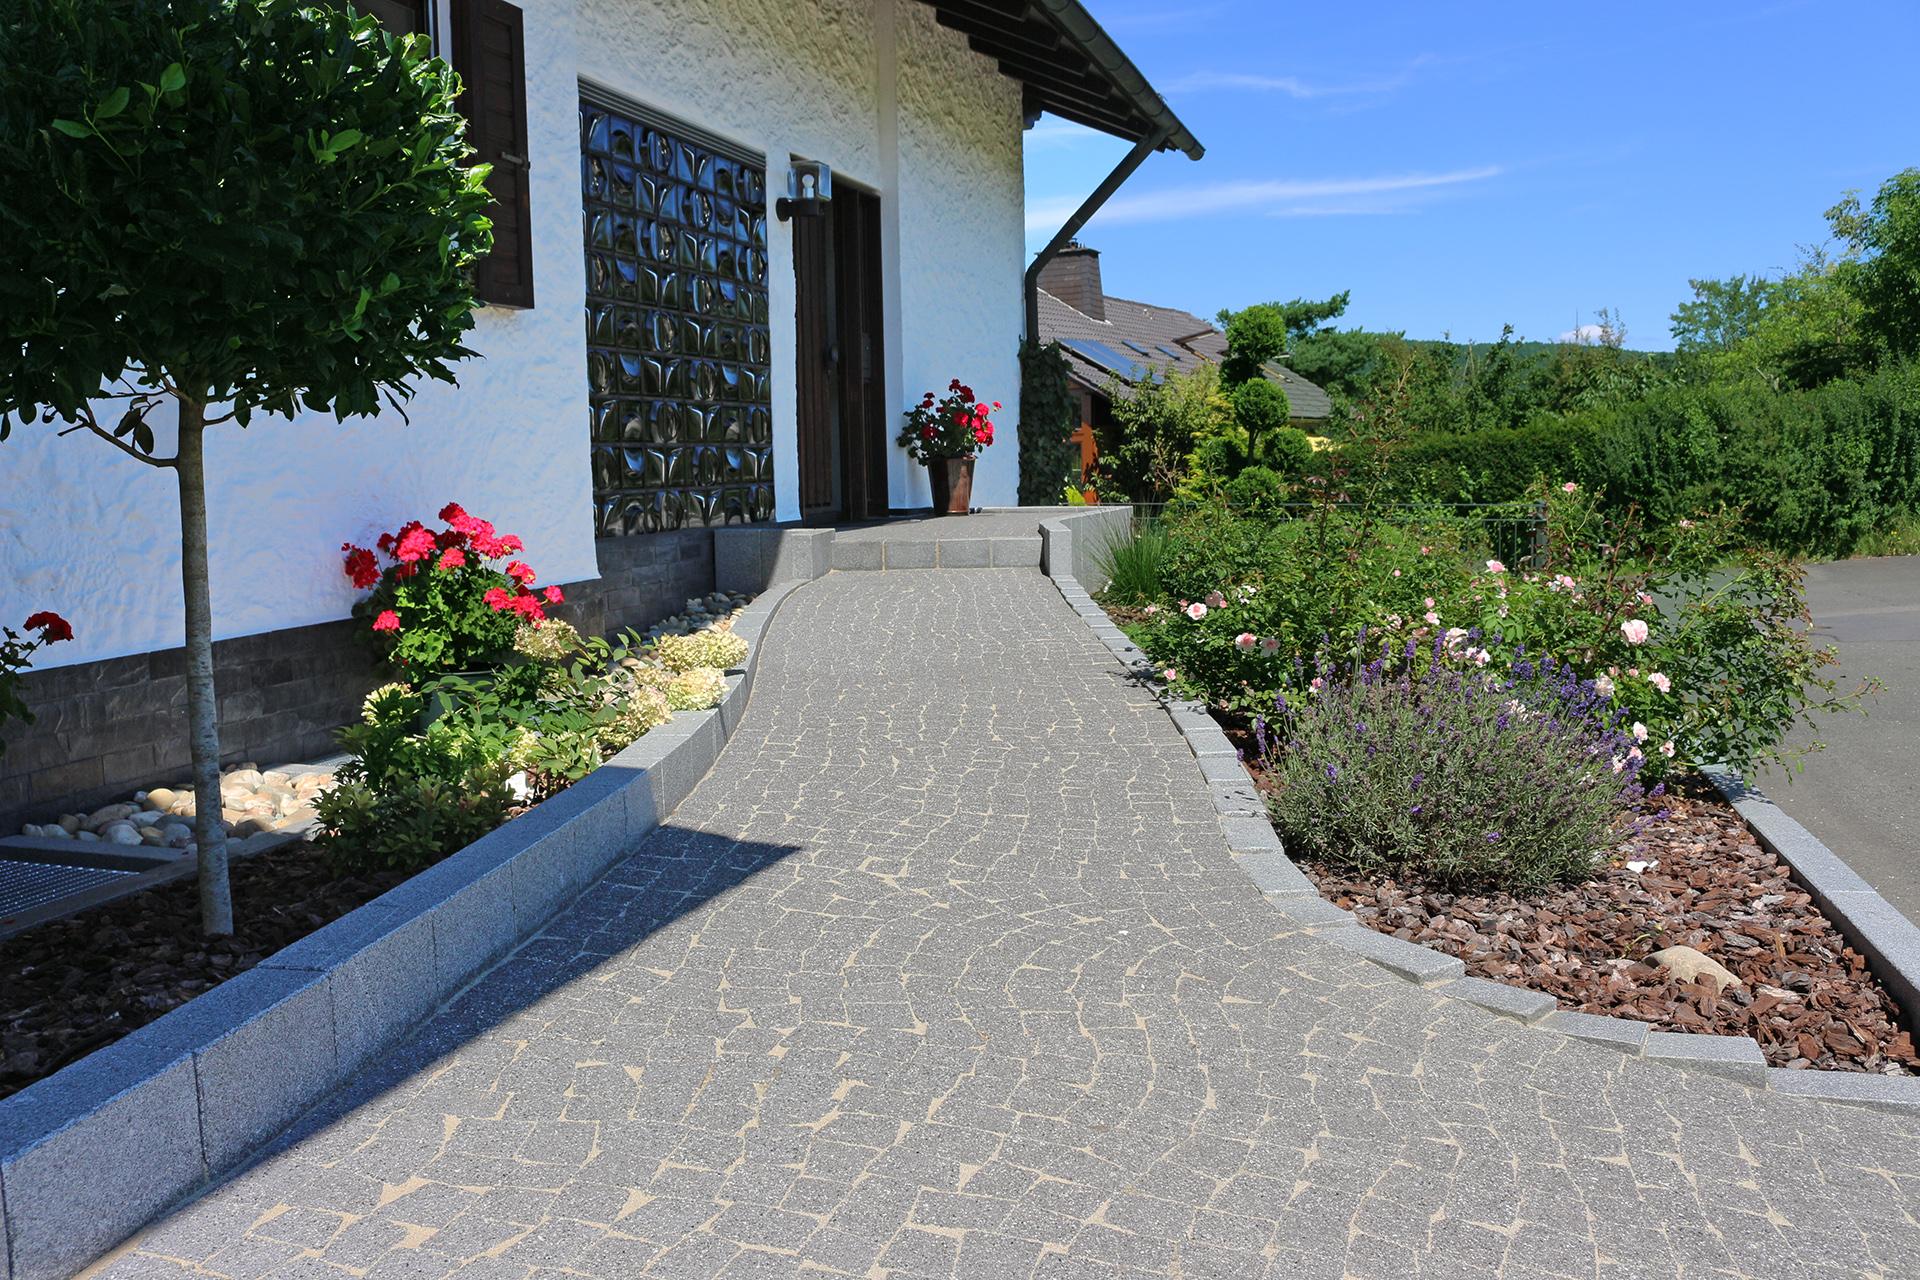 Weg zur Haustüre modern gestaltet.